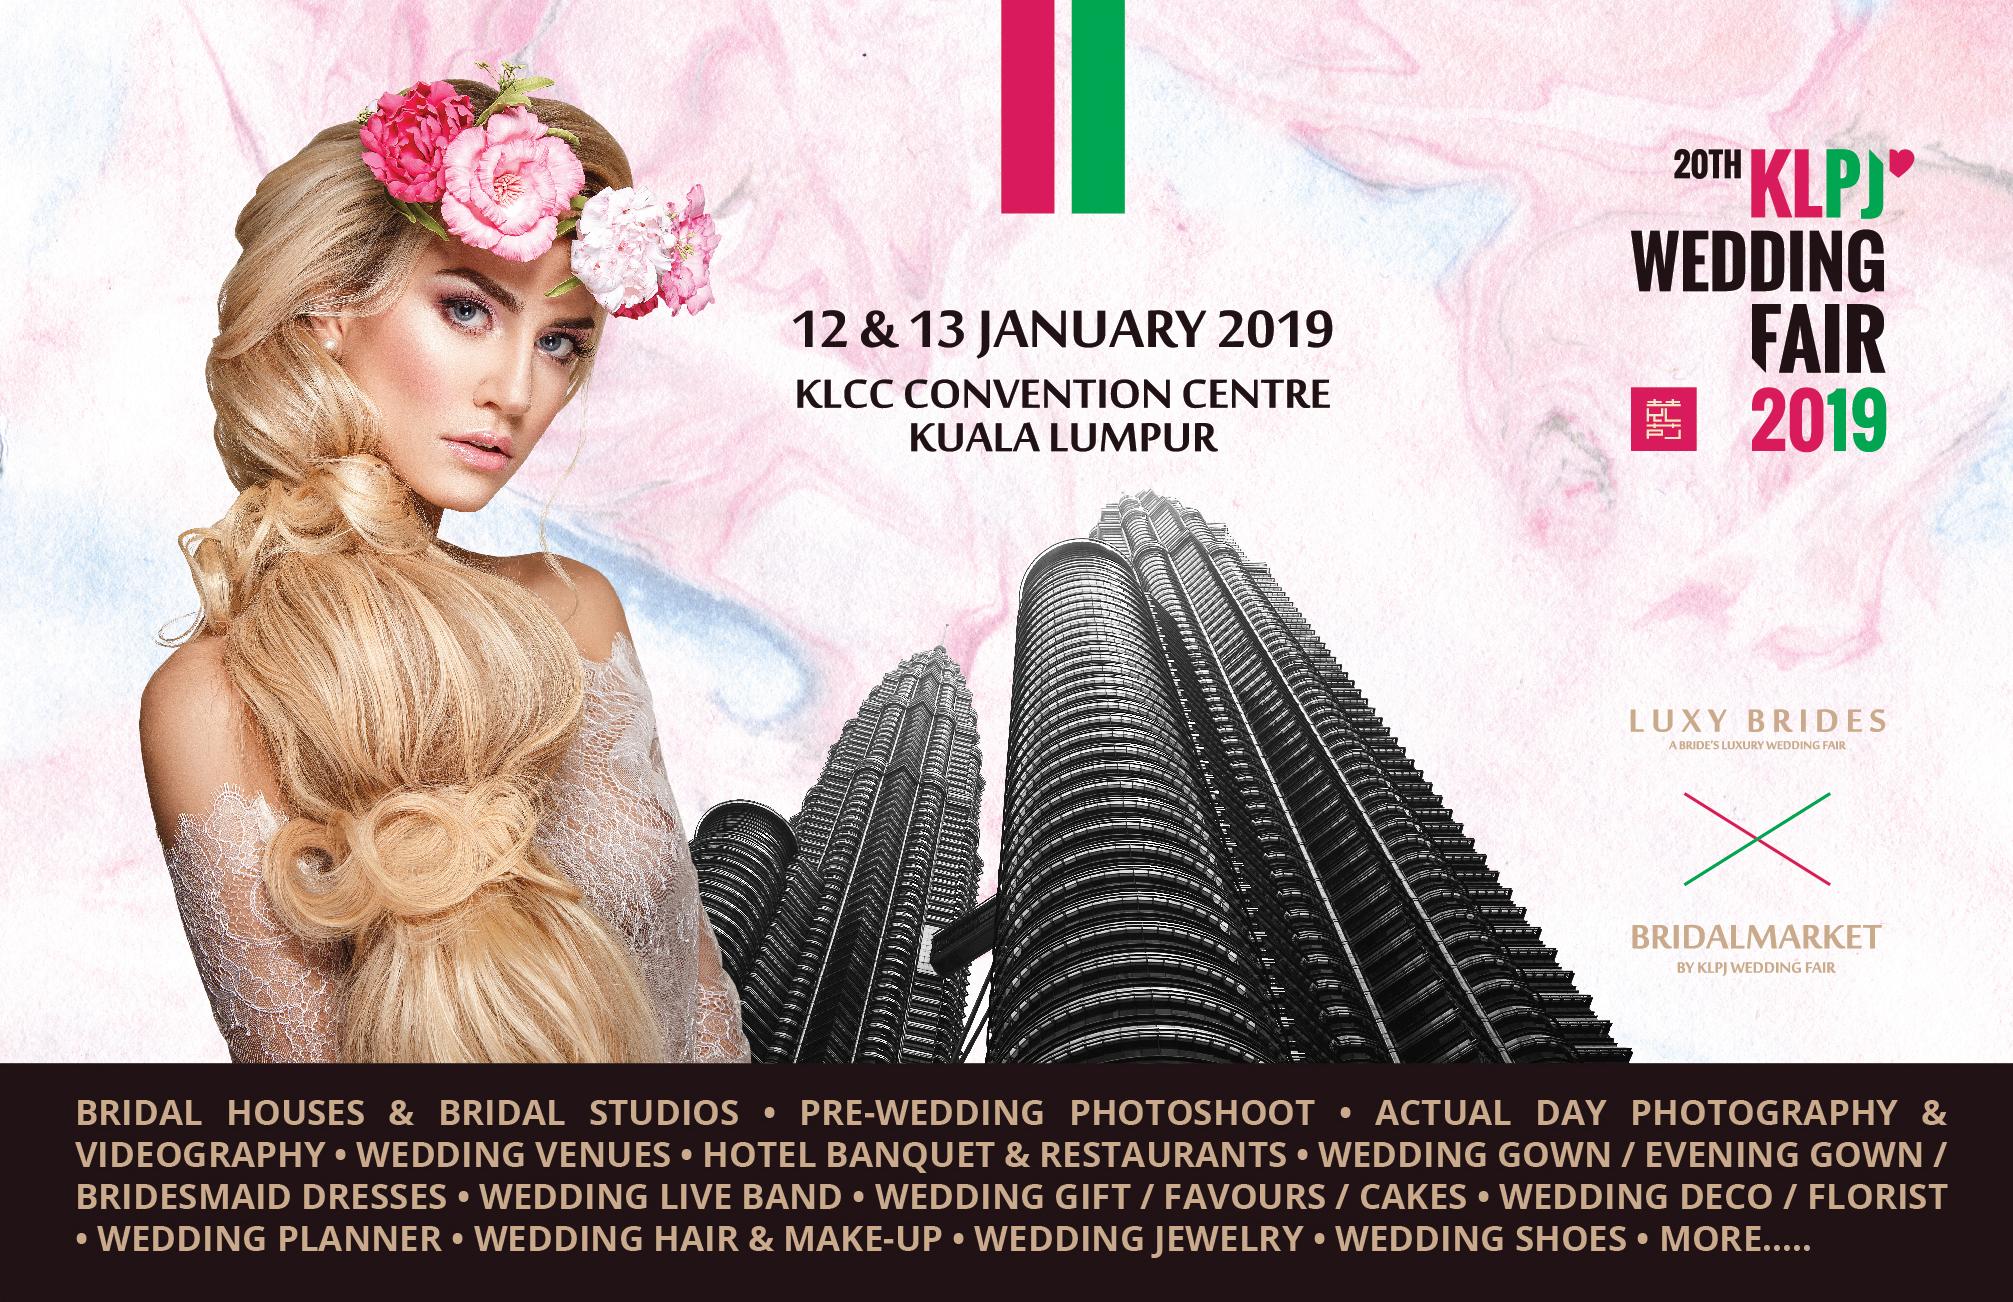 KLPJ Event Sdn Bhd